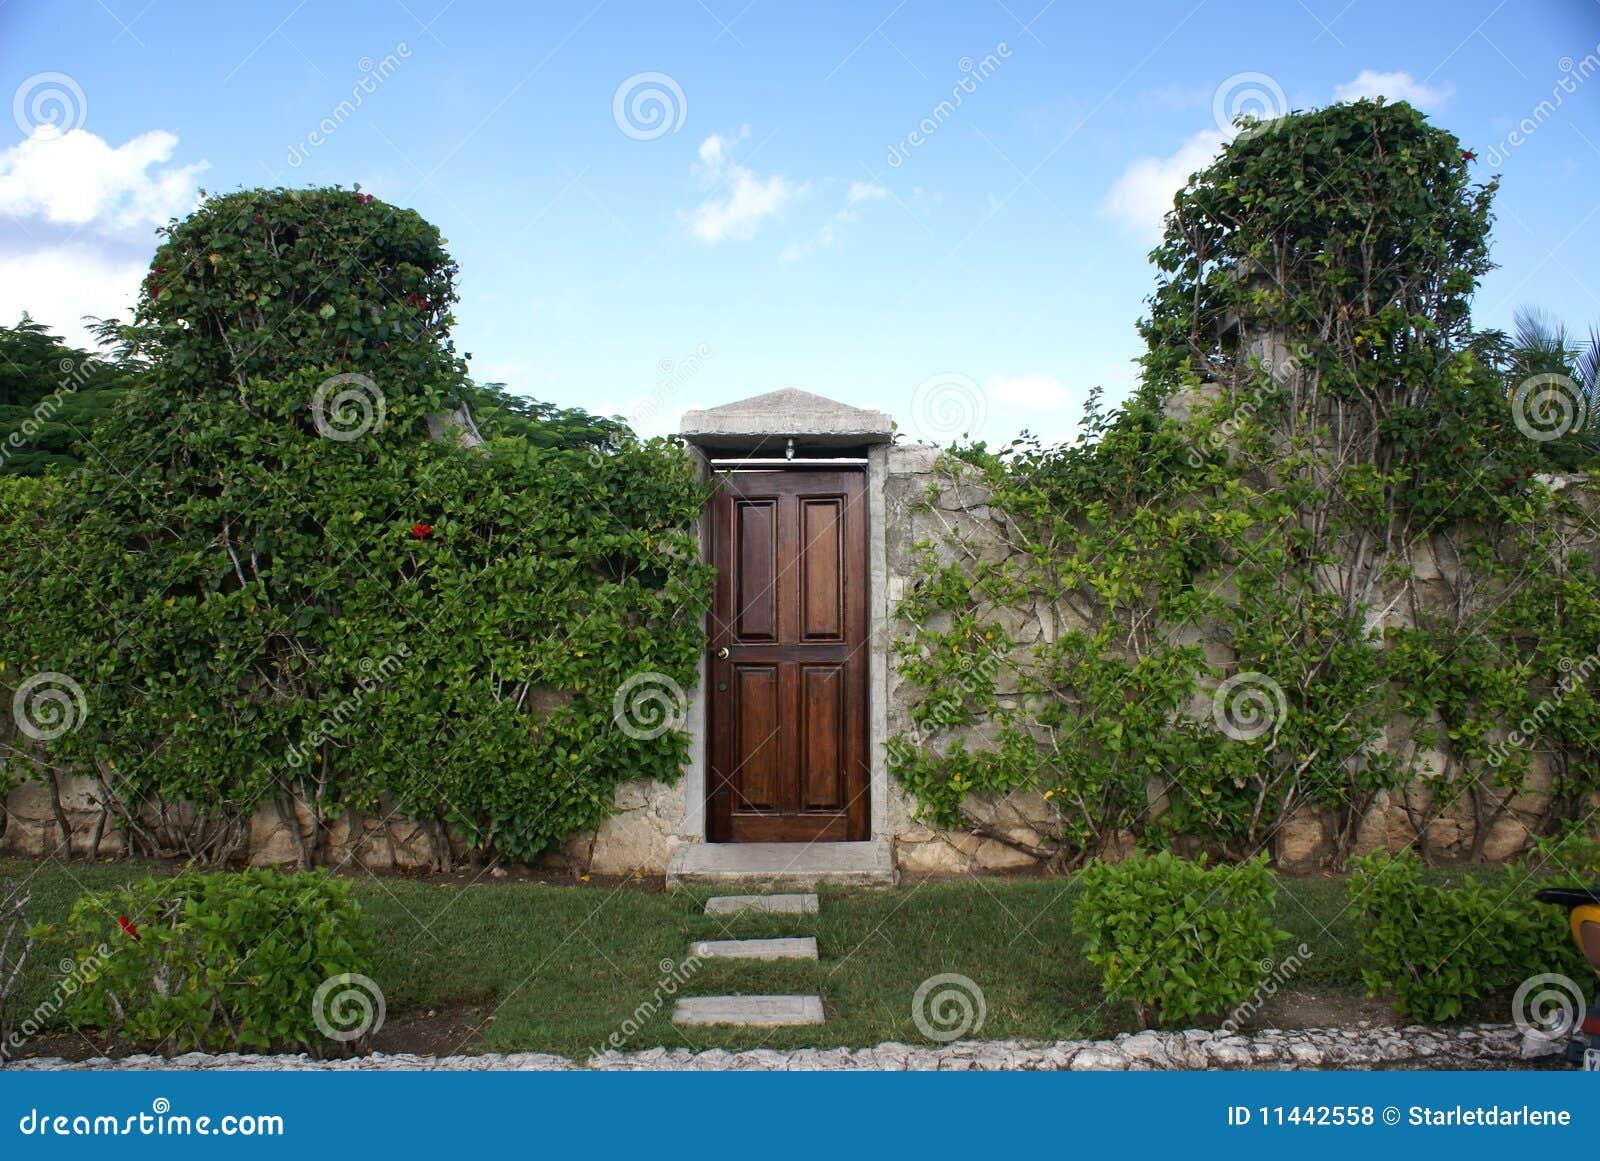 Stenen Muur Tuin : De muur en de deur van de tuin stock foto afbeelding bestaande